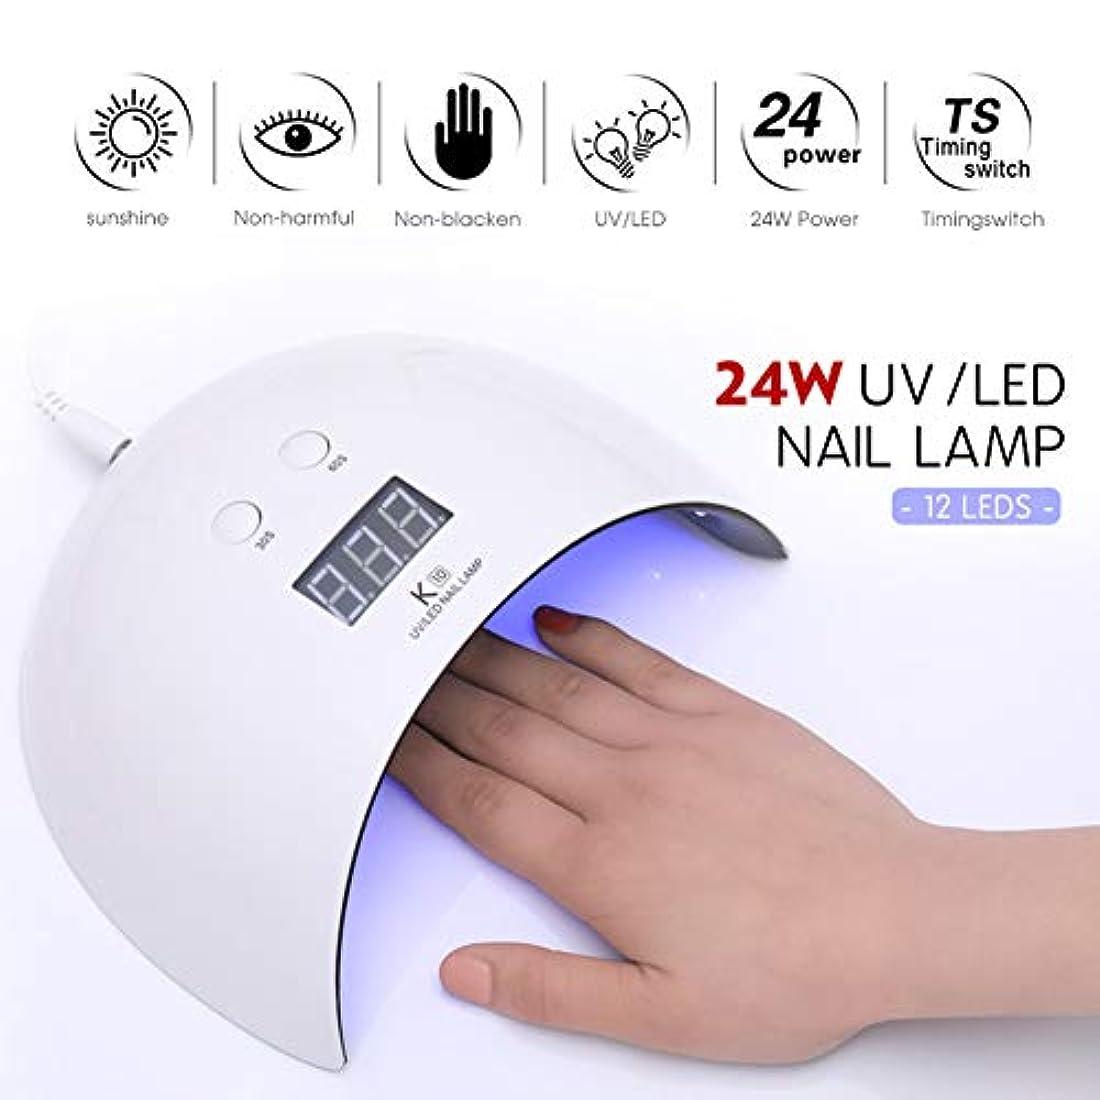 東なぜ湿度ネイルグルー用LED UVランプ、24WマニキュアジェルネイルポリッシュドライヤーUV硬化ライト、インテリジェント自動感知、2つのタイマー設定、LEDデジタルディスプレイ、ネイルおよびトーネネイルツー